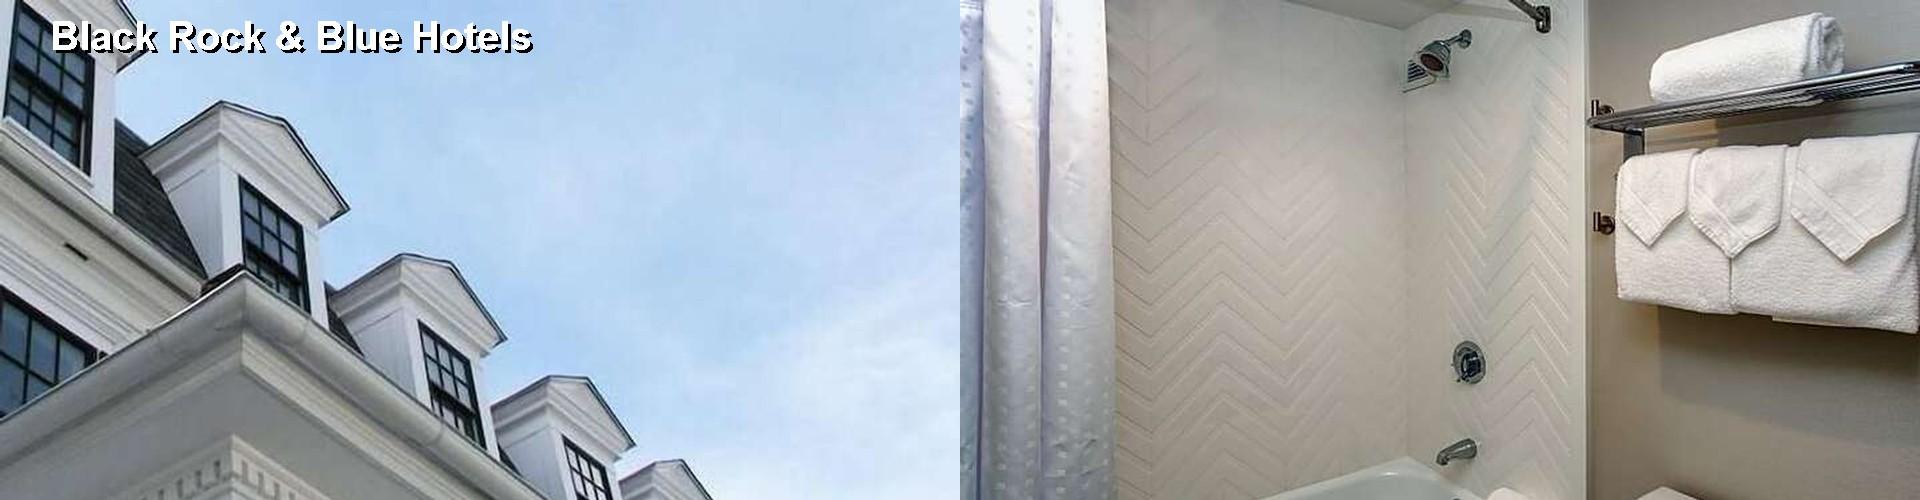 5 Best Hotels Near Black Rock Blue